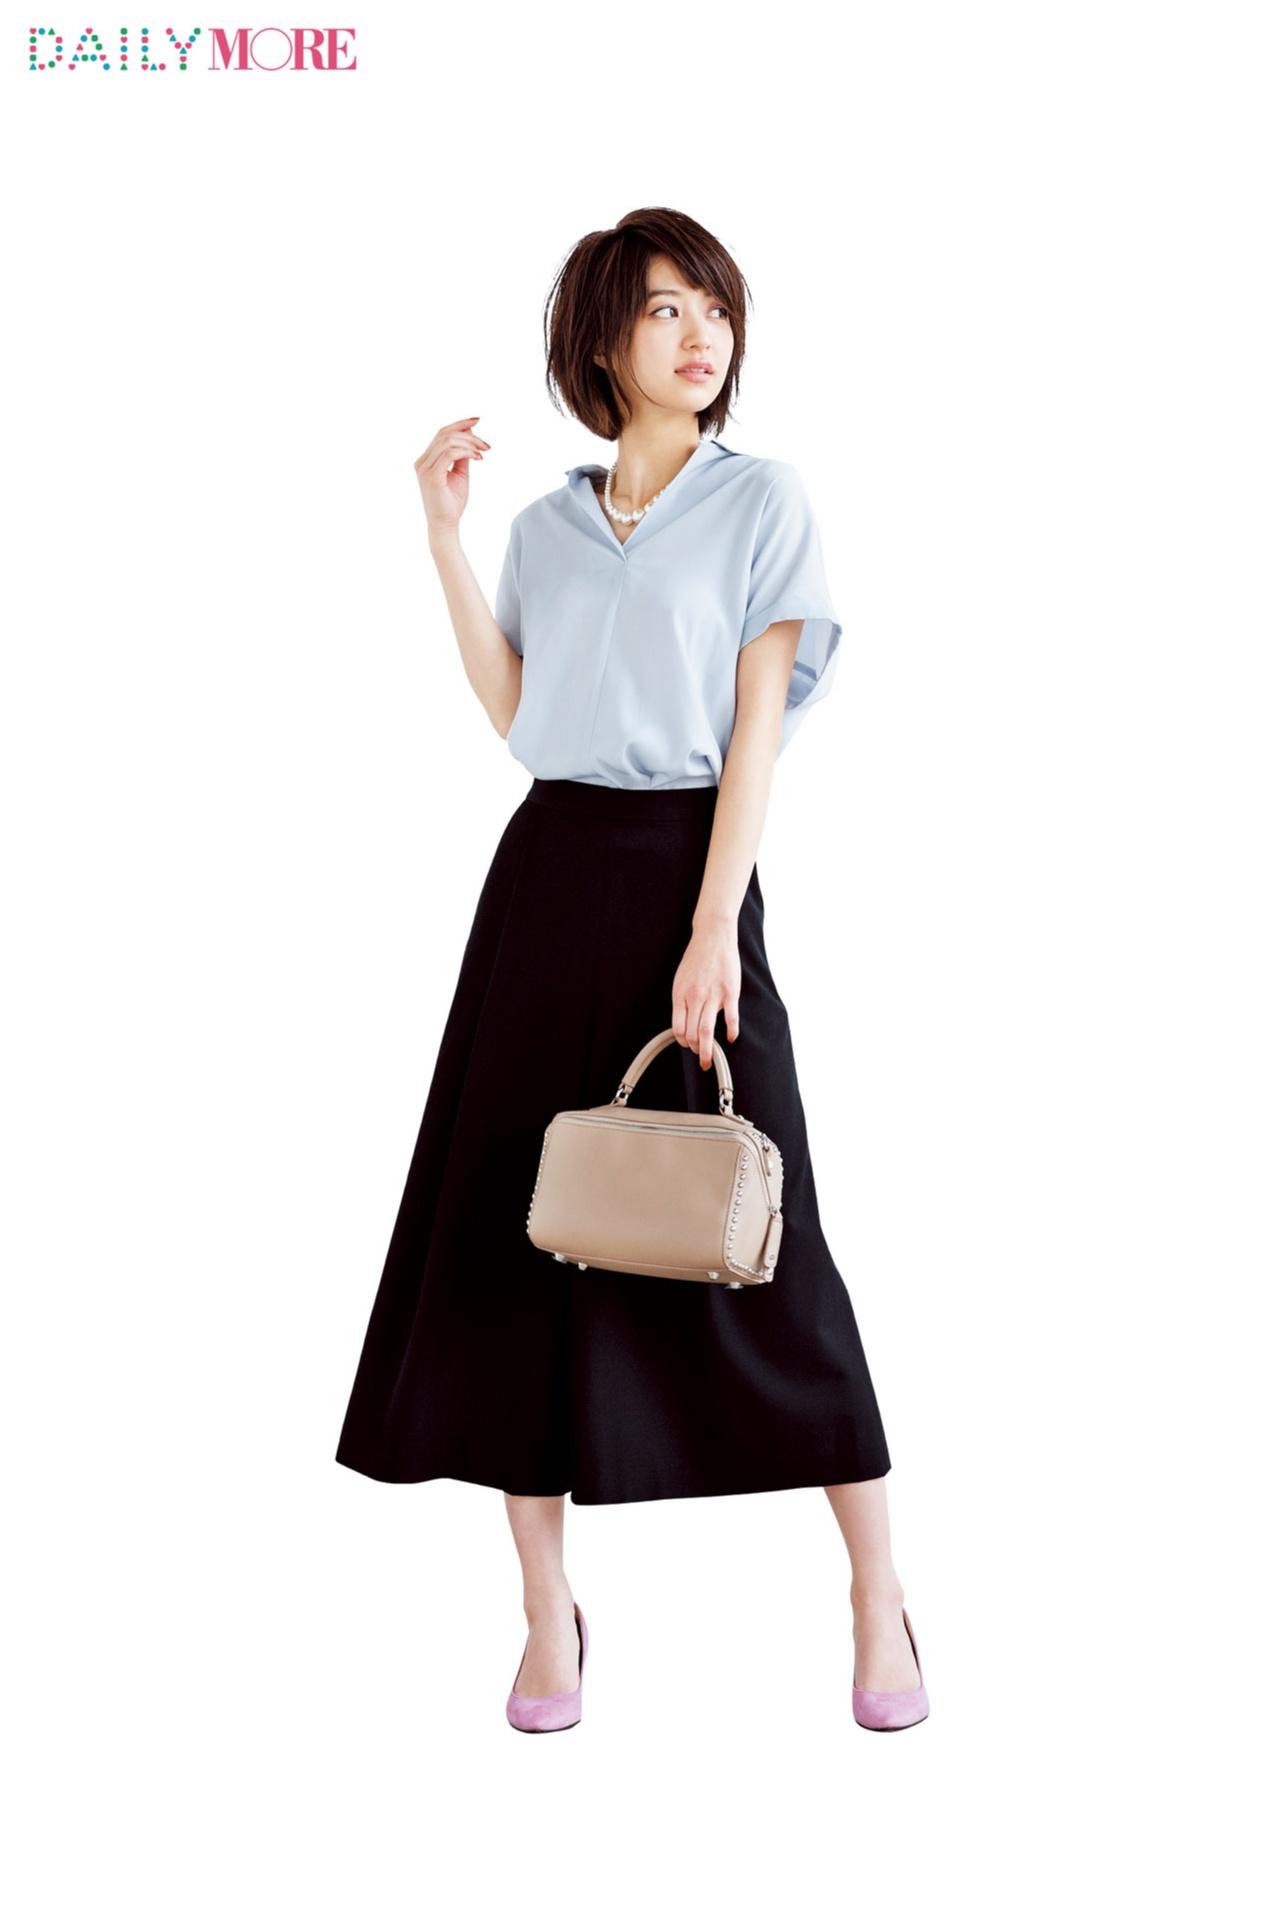 【今日のコーデ/逢沢りな】上司との会食がある水曜日はスキッパーシャツで好印象狙い!_1